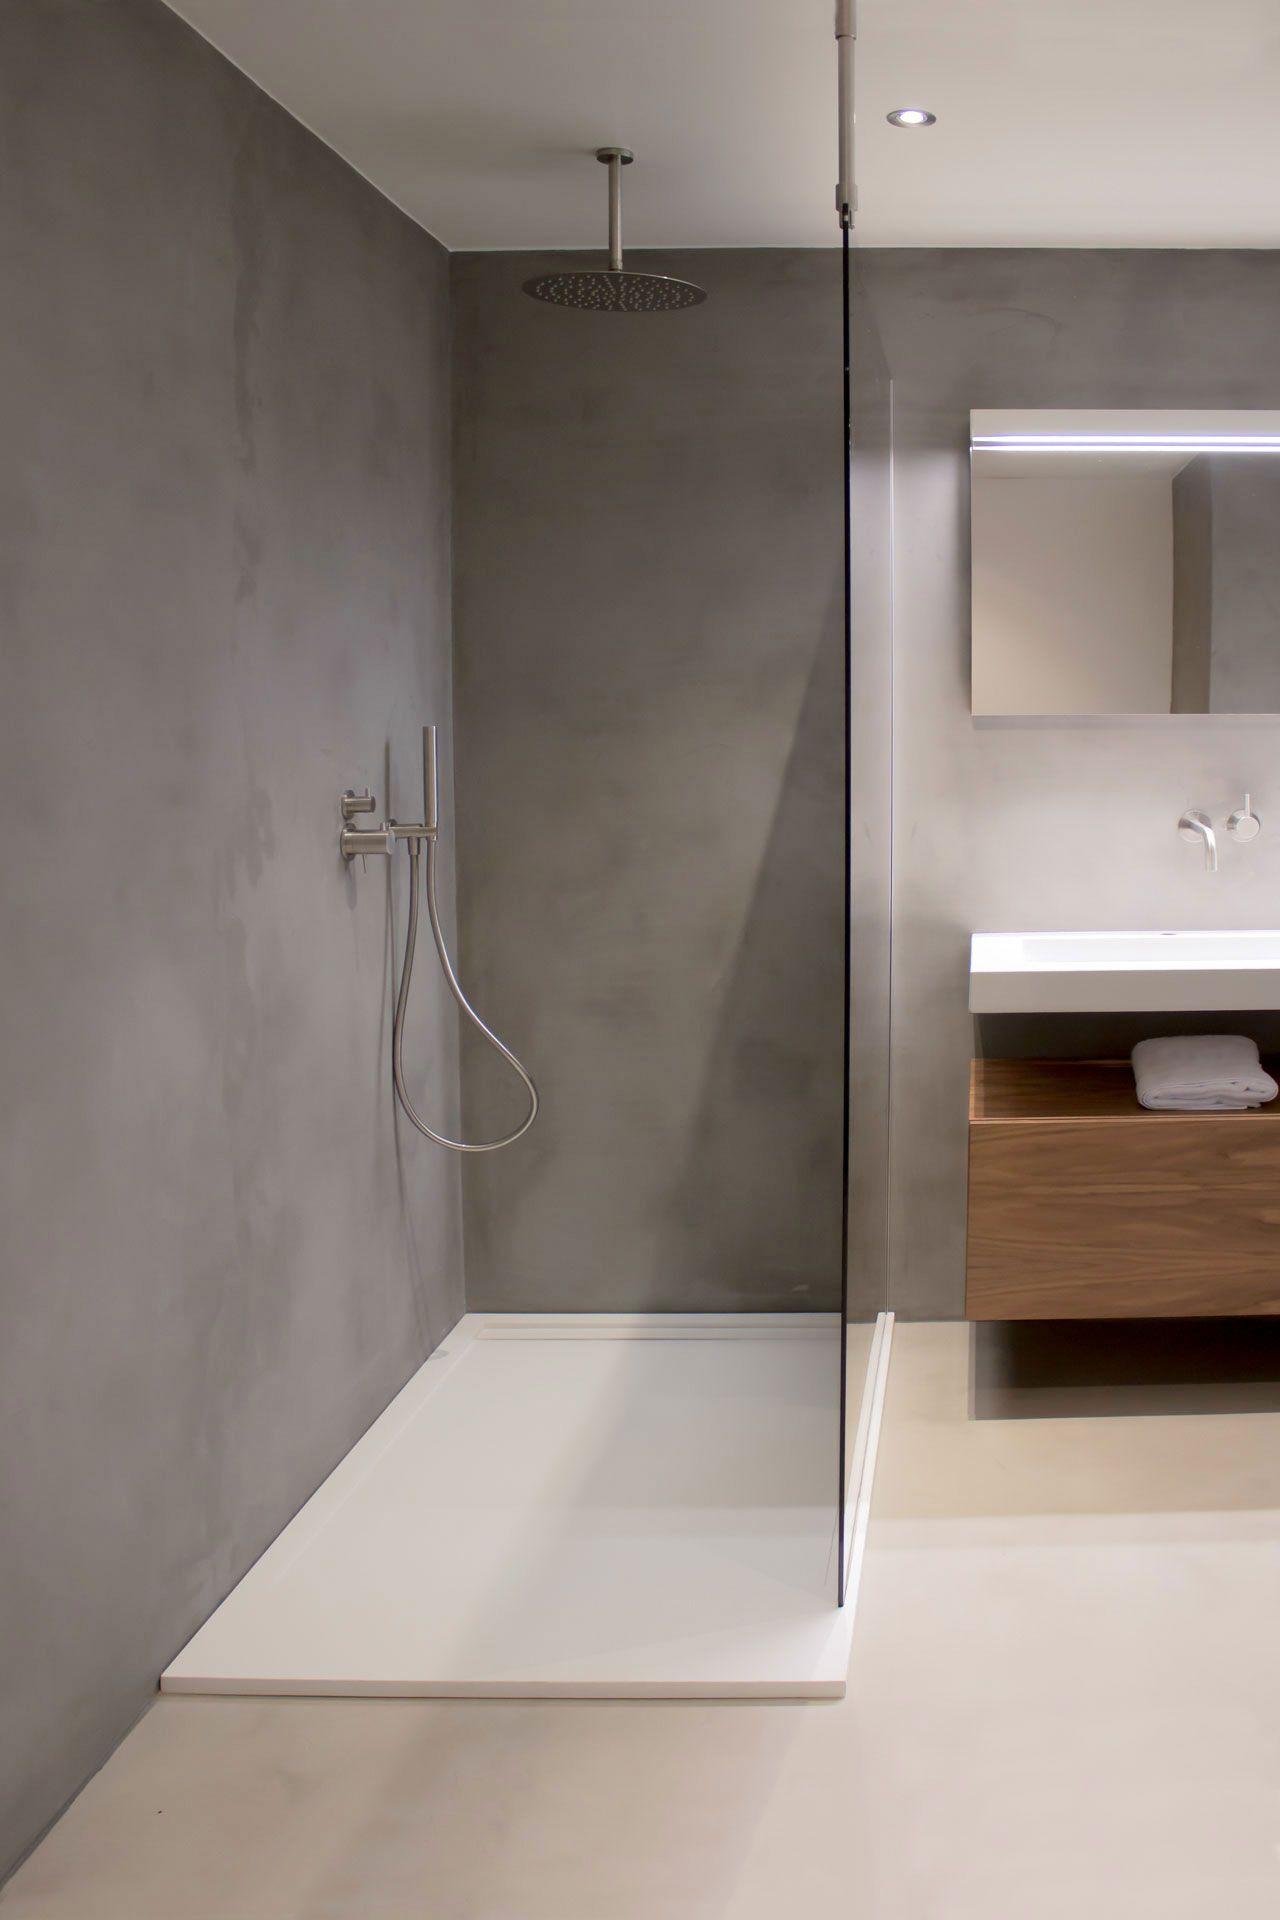 Badkamer met een inbouwkraan, solid surface wastafel, spiegel met ...